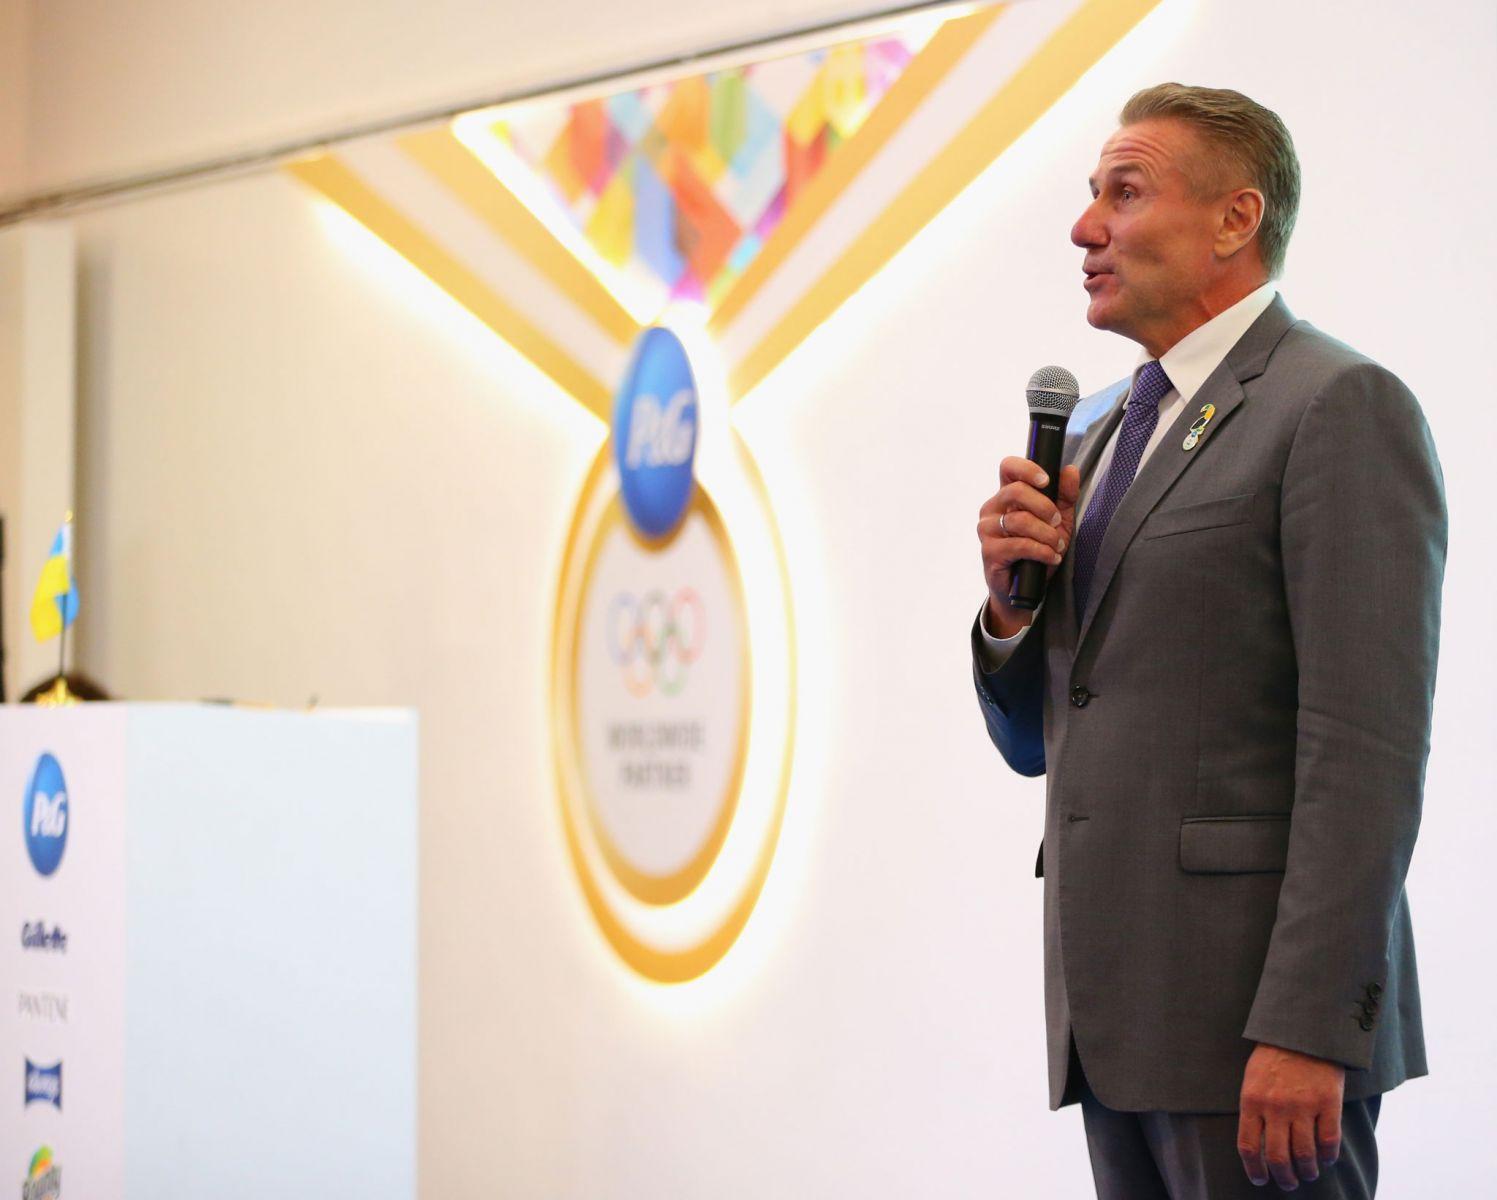 Олимпиада 2016: как болельщики поддерживают украинских спортсменов в Рио